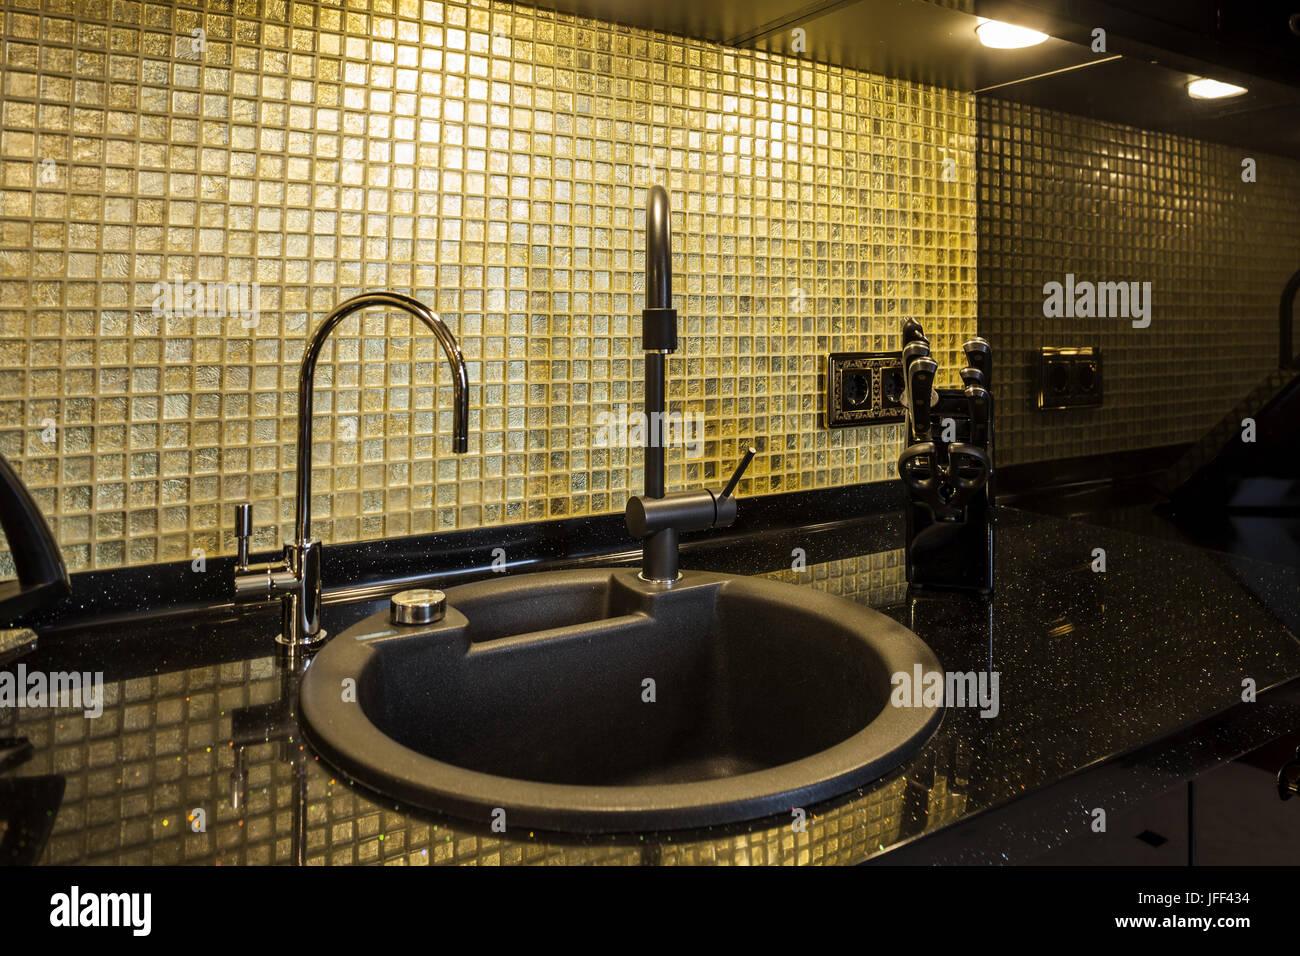 Bureau cuisine avec un évier et robinet Photo Stock